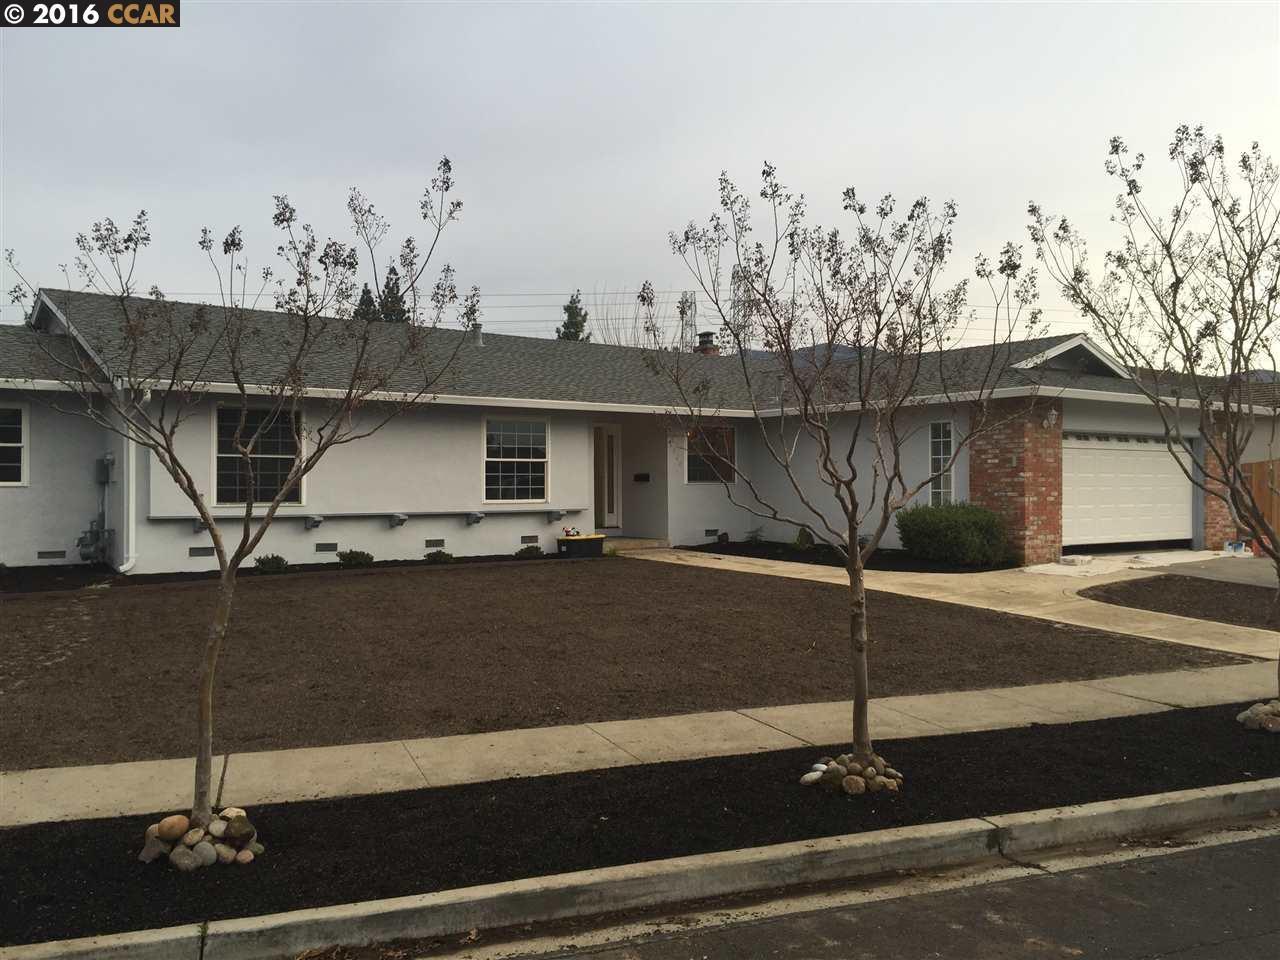 Частный односемейный дом для того Продажа на 1366 BALHAN Drive Concord, Калифорния 94521 Соединенные Штаты